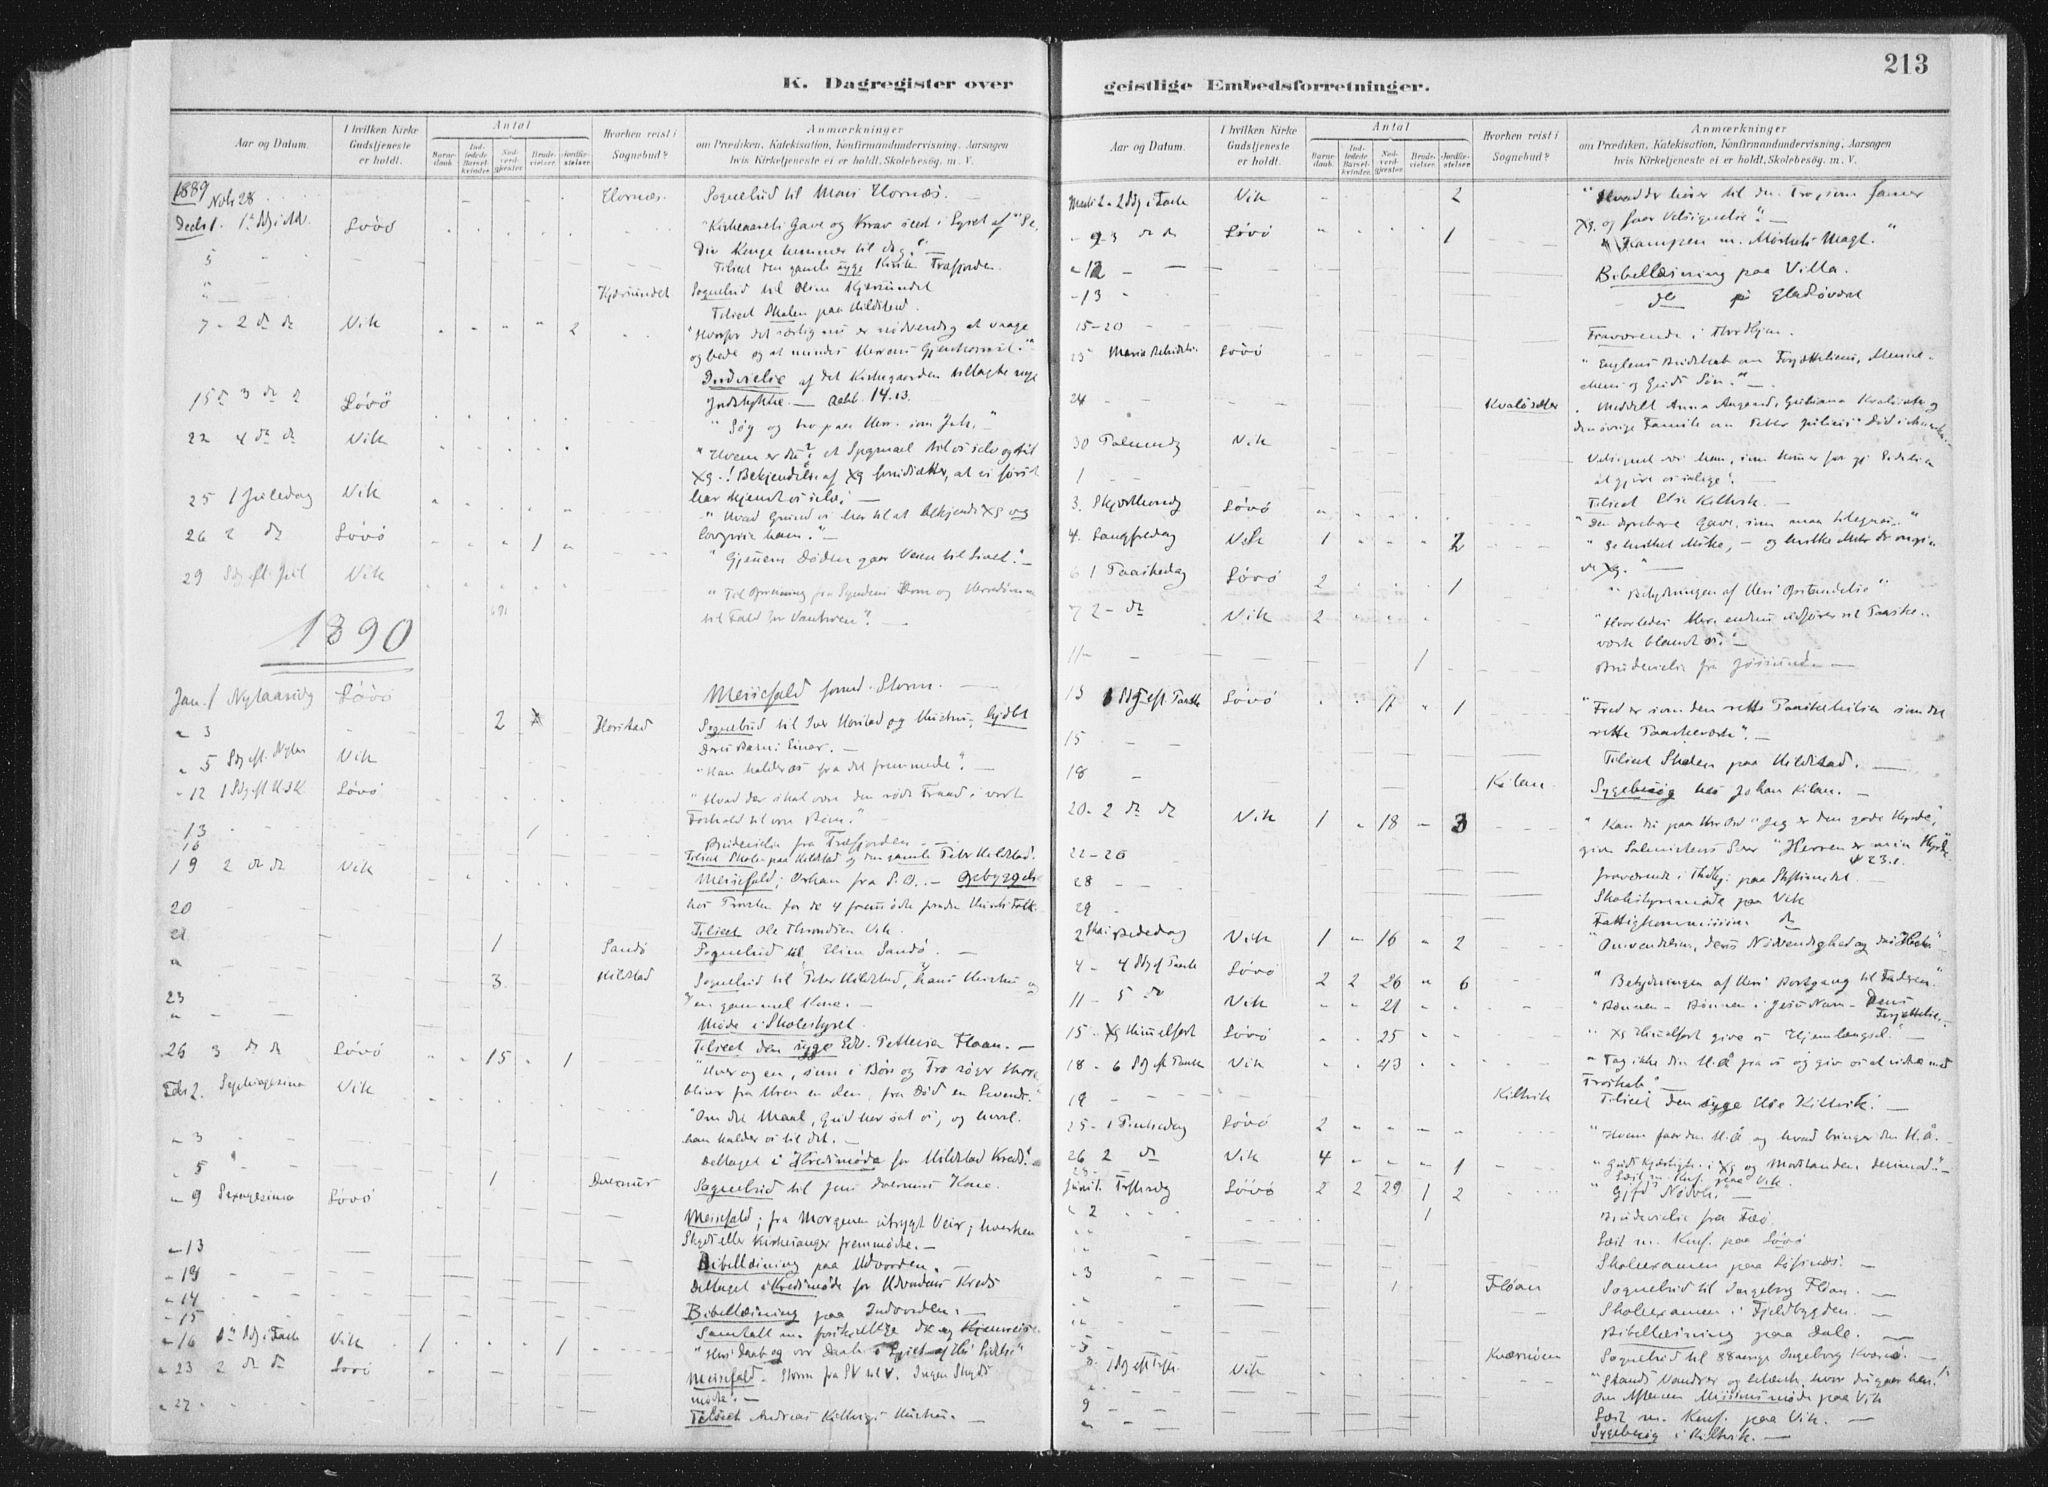 SAT, Ministerialprotokoller, klokkerbøker og fødselsregistre - Nord-Trøndelag, 771/L0597: Ministerialbok nr. 771A04, 1885-1910, s. 213